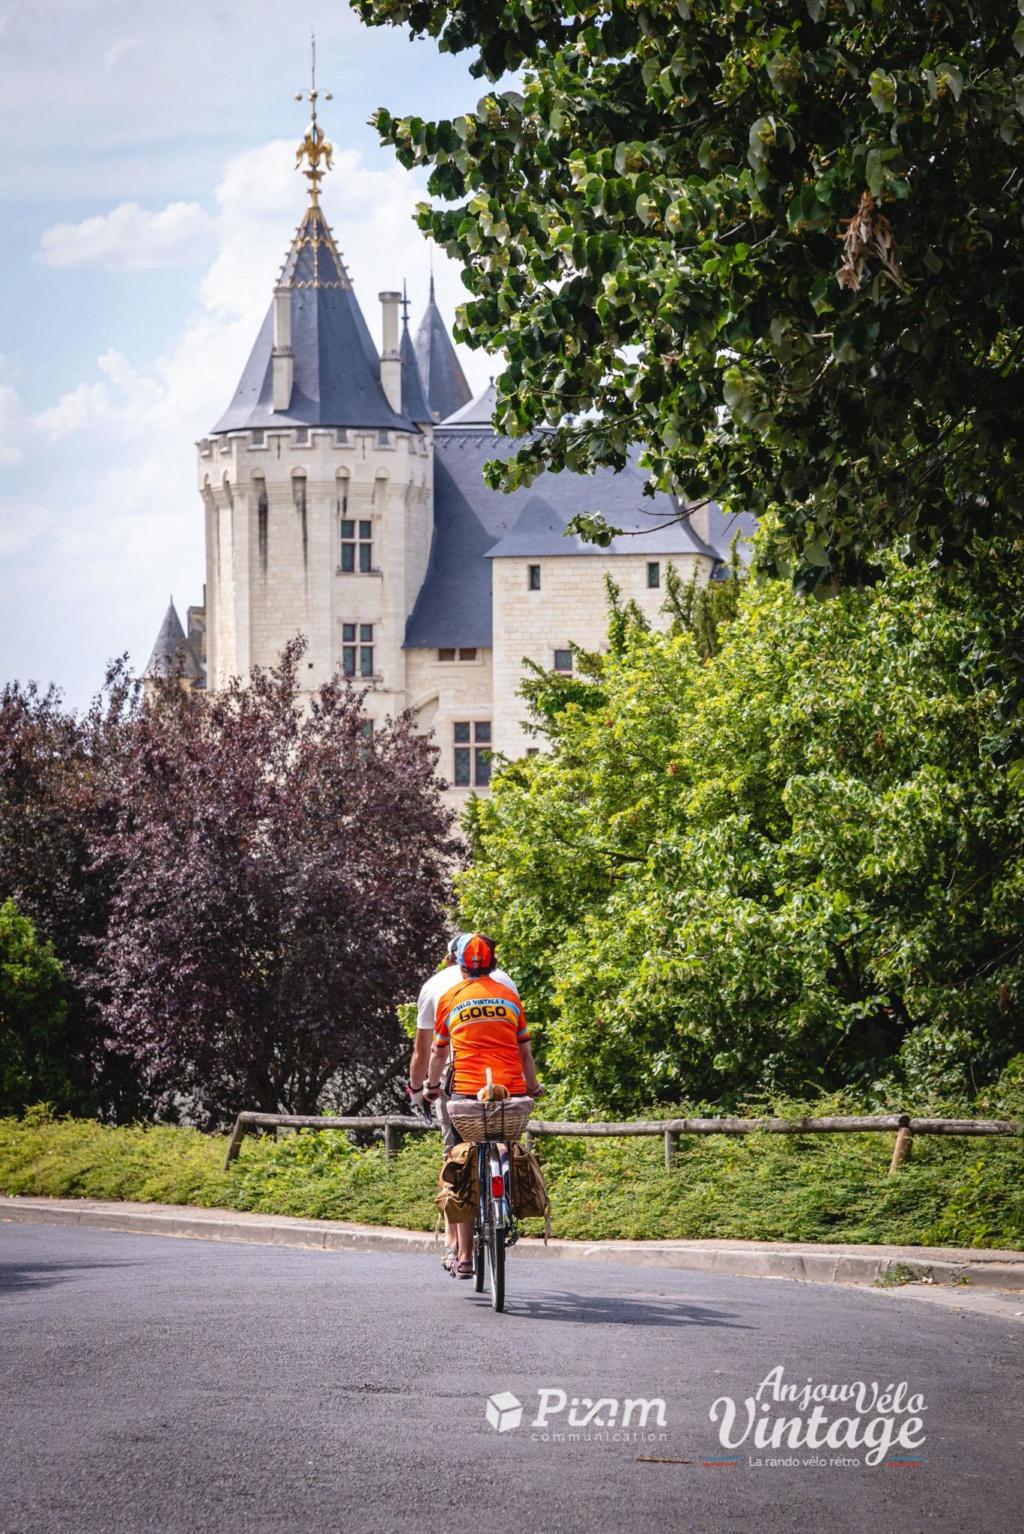 Anjou Vélo Vintage 2019 du 5 au 7 Juillet - Page 9 66448410